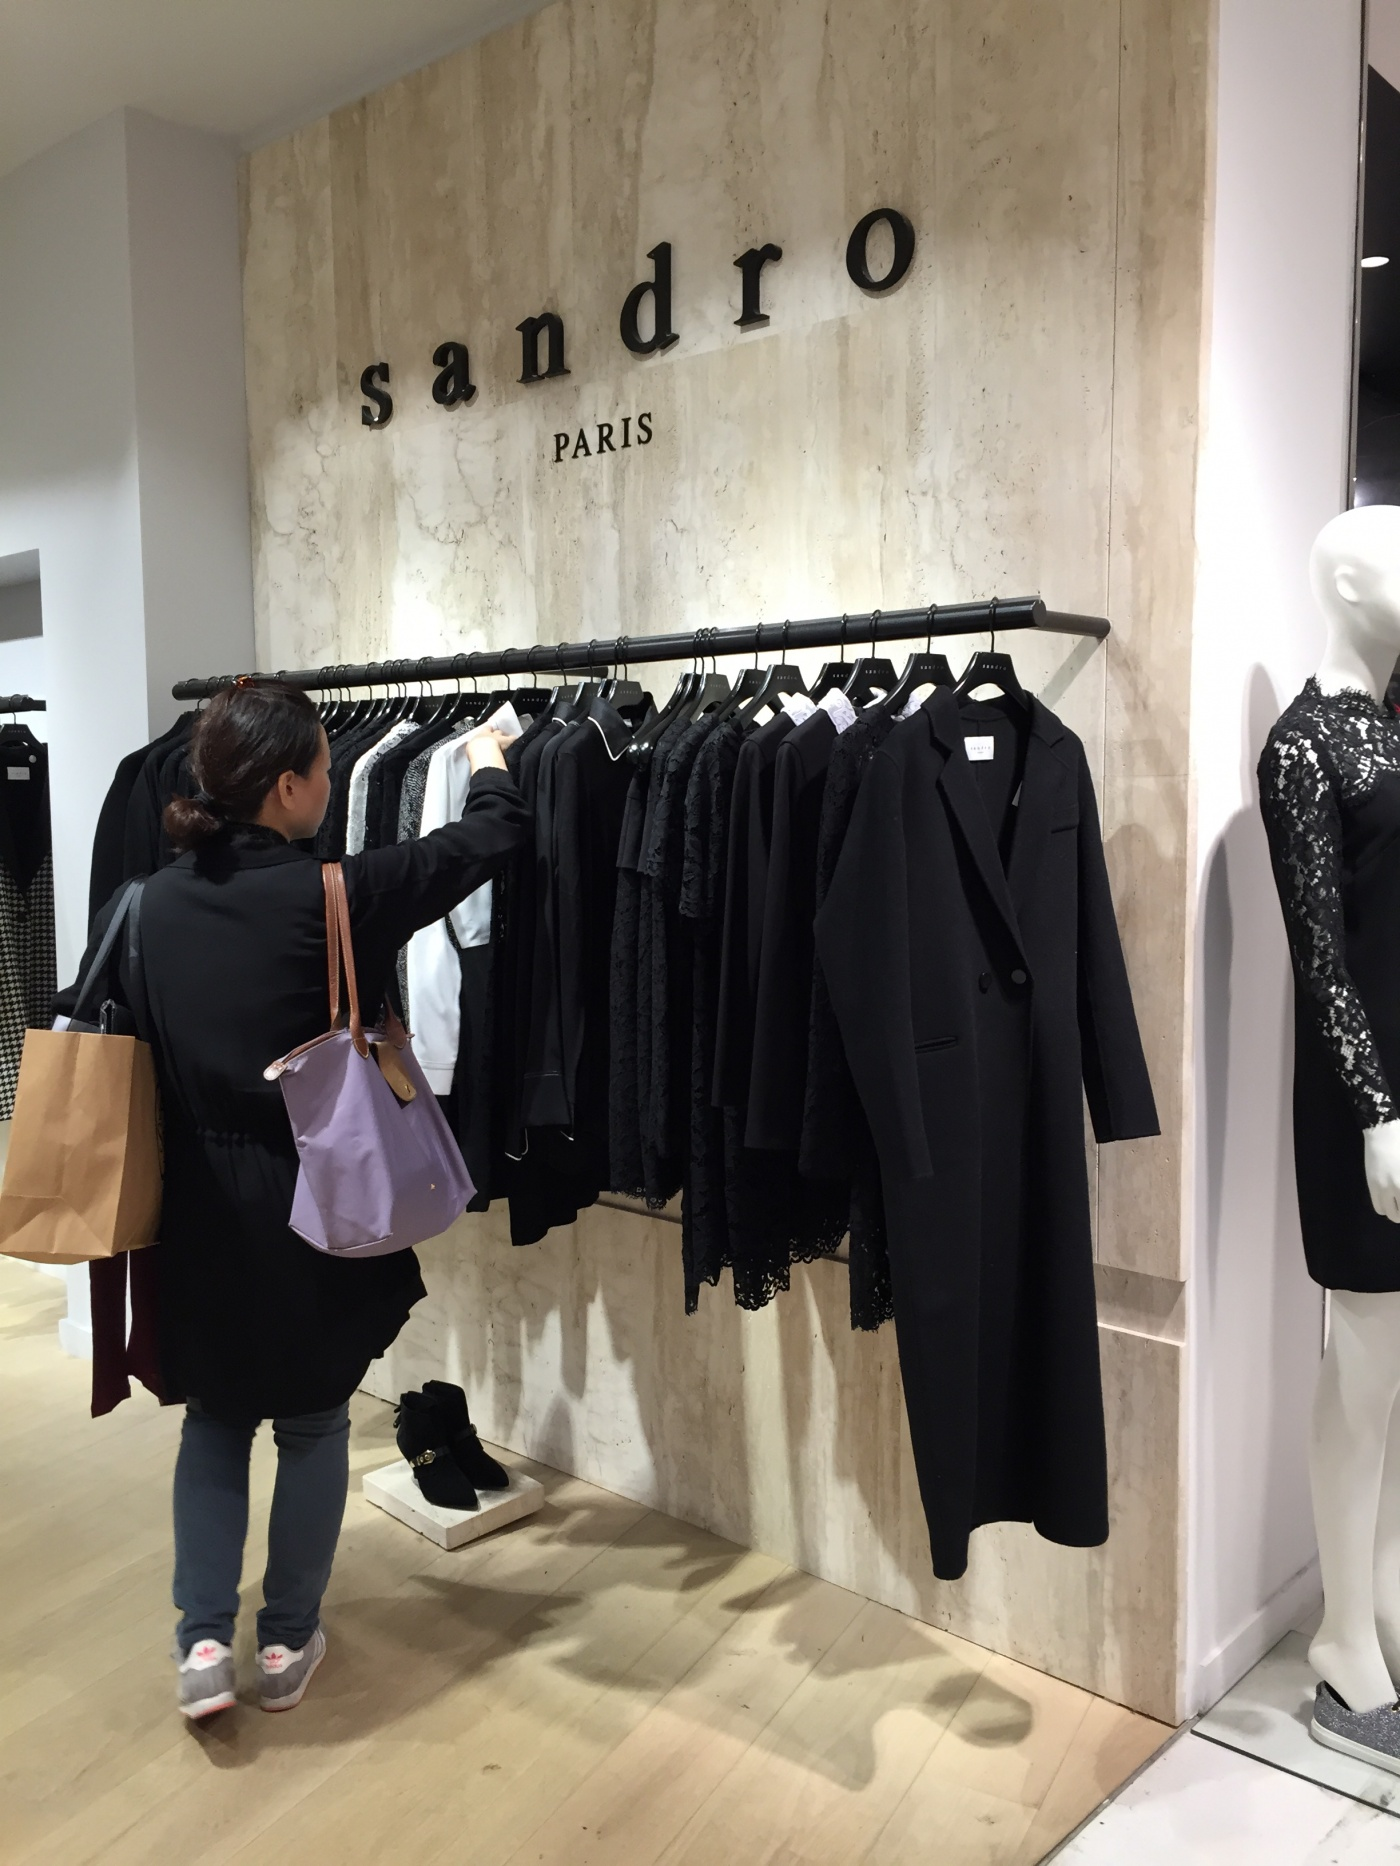 Habillage mur. Fourniture façonnage pour les Magasins Sandro (Groupe SMCP). Chantier aux Galeries Lafayette Haussmann Paris